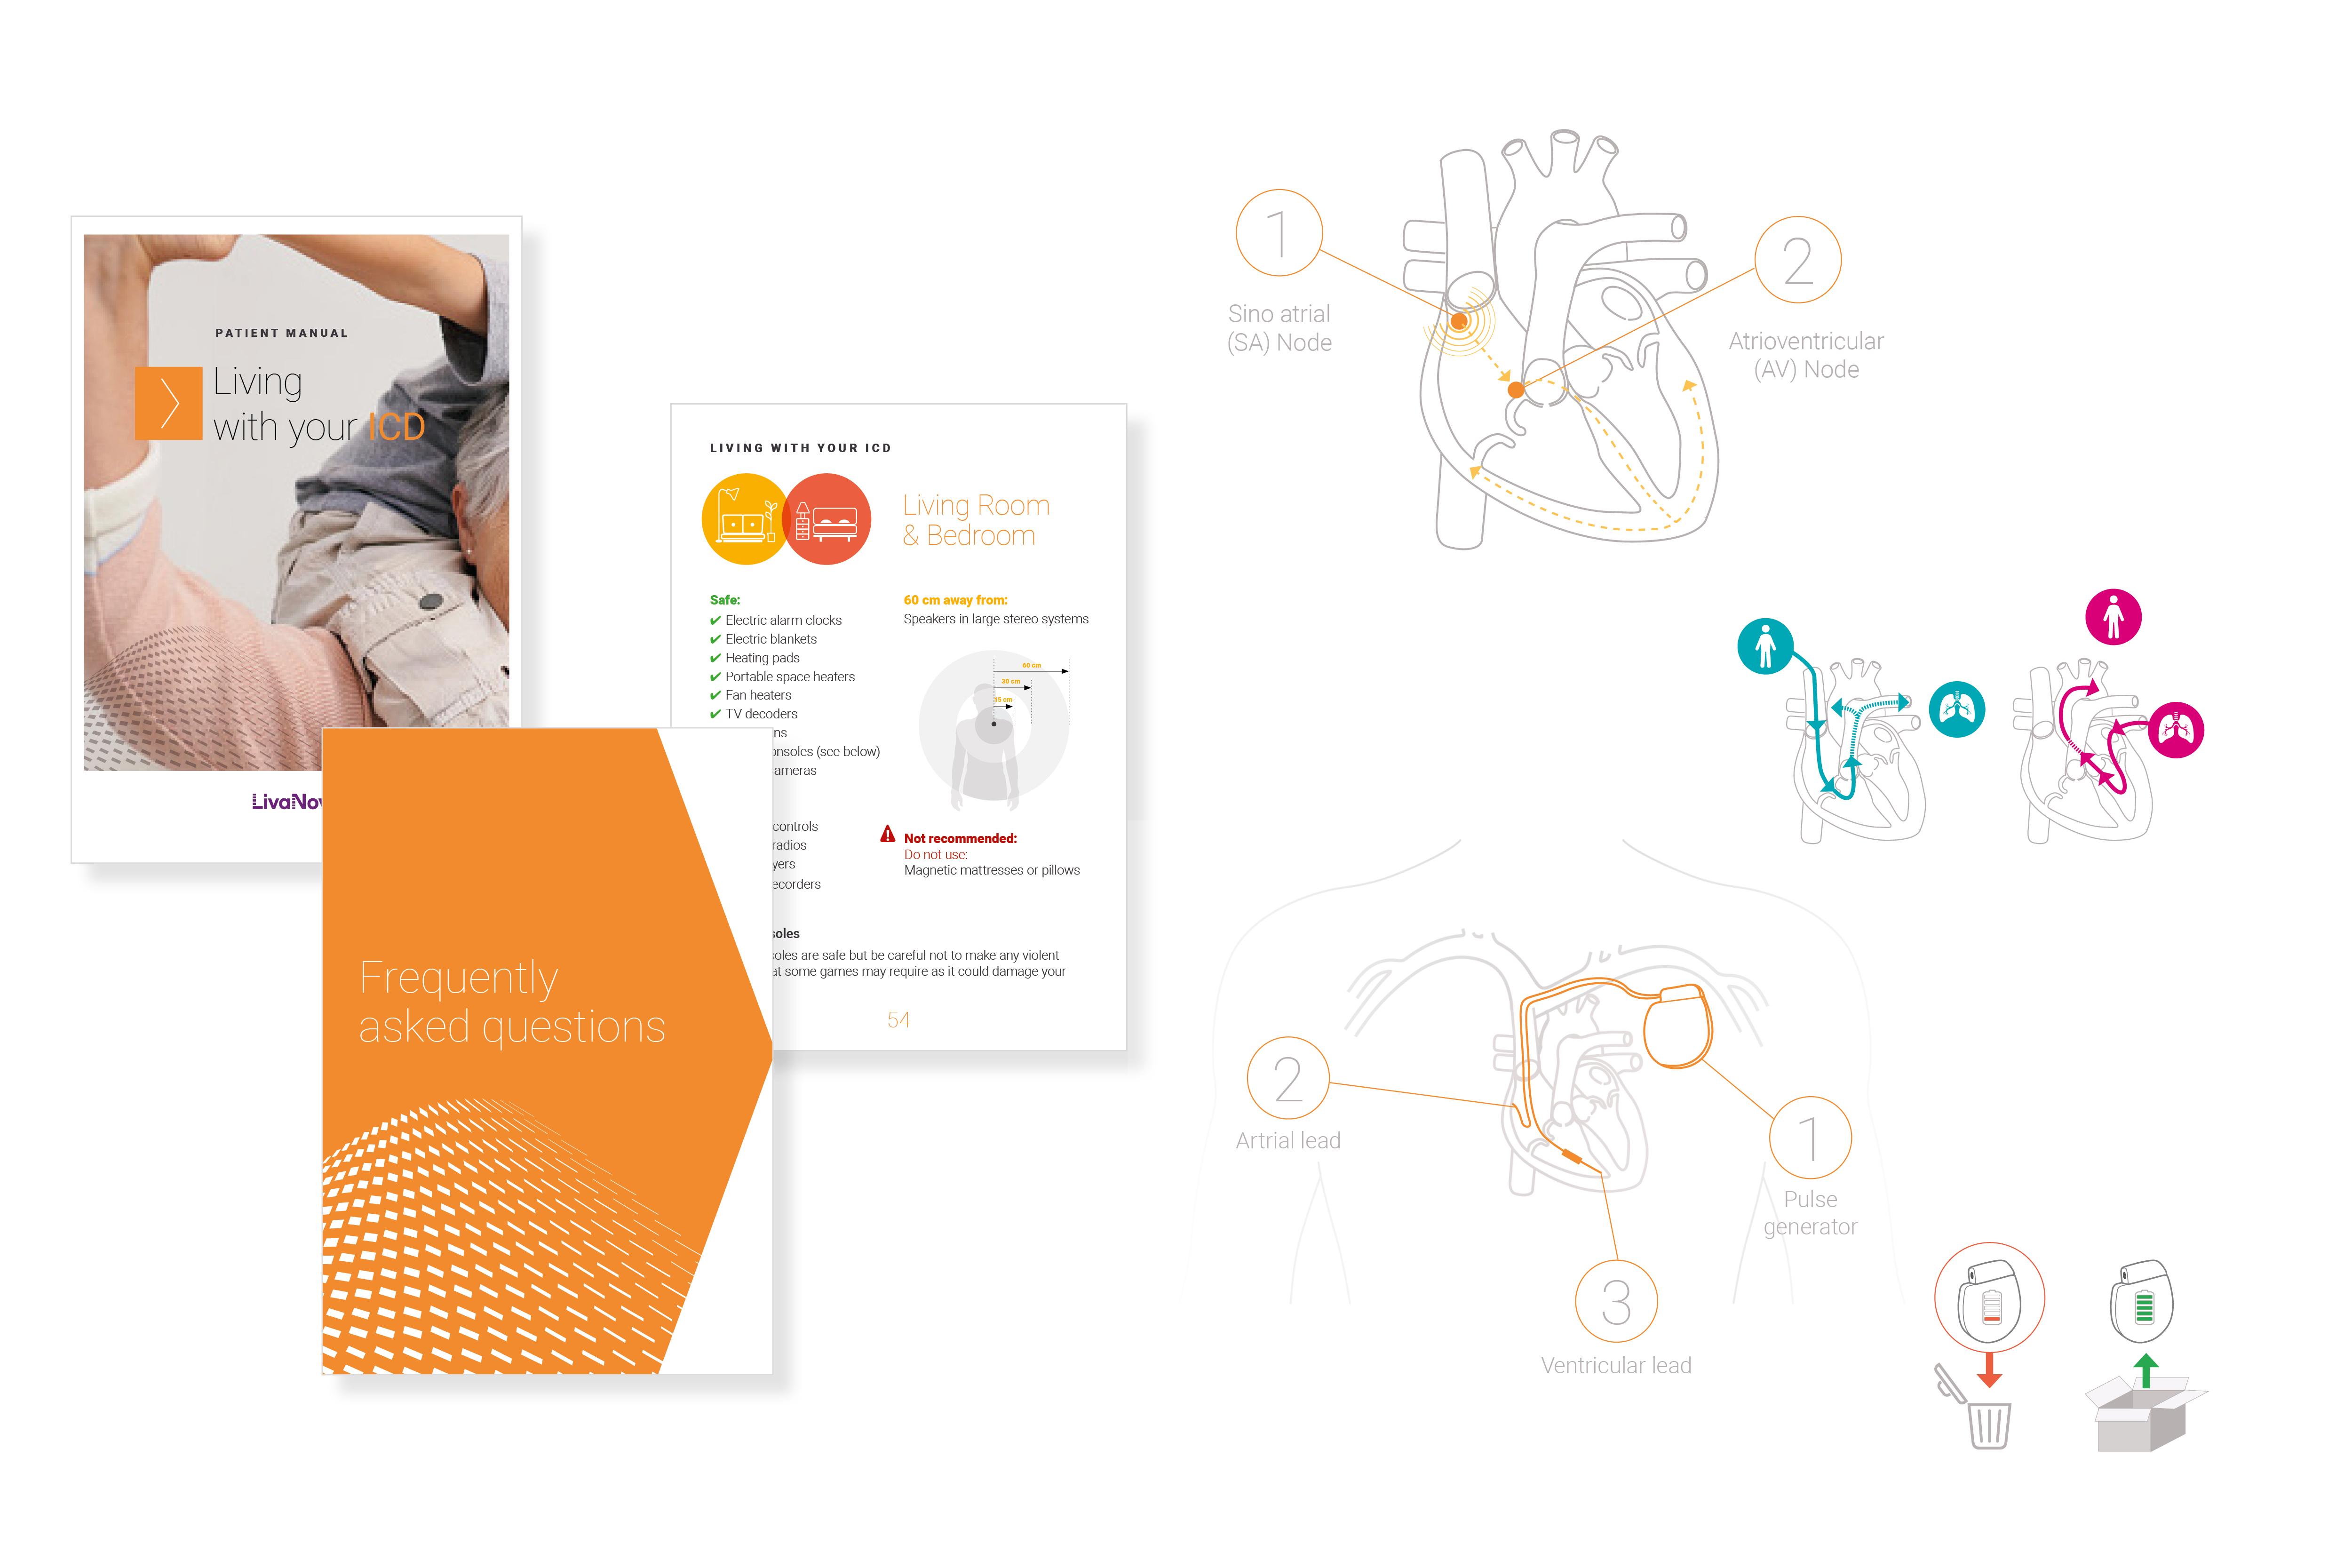 Création d'illustrations, de pictogrammes et réalisation du booklet pour LivaNova / Client : Egg